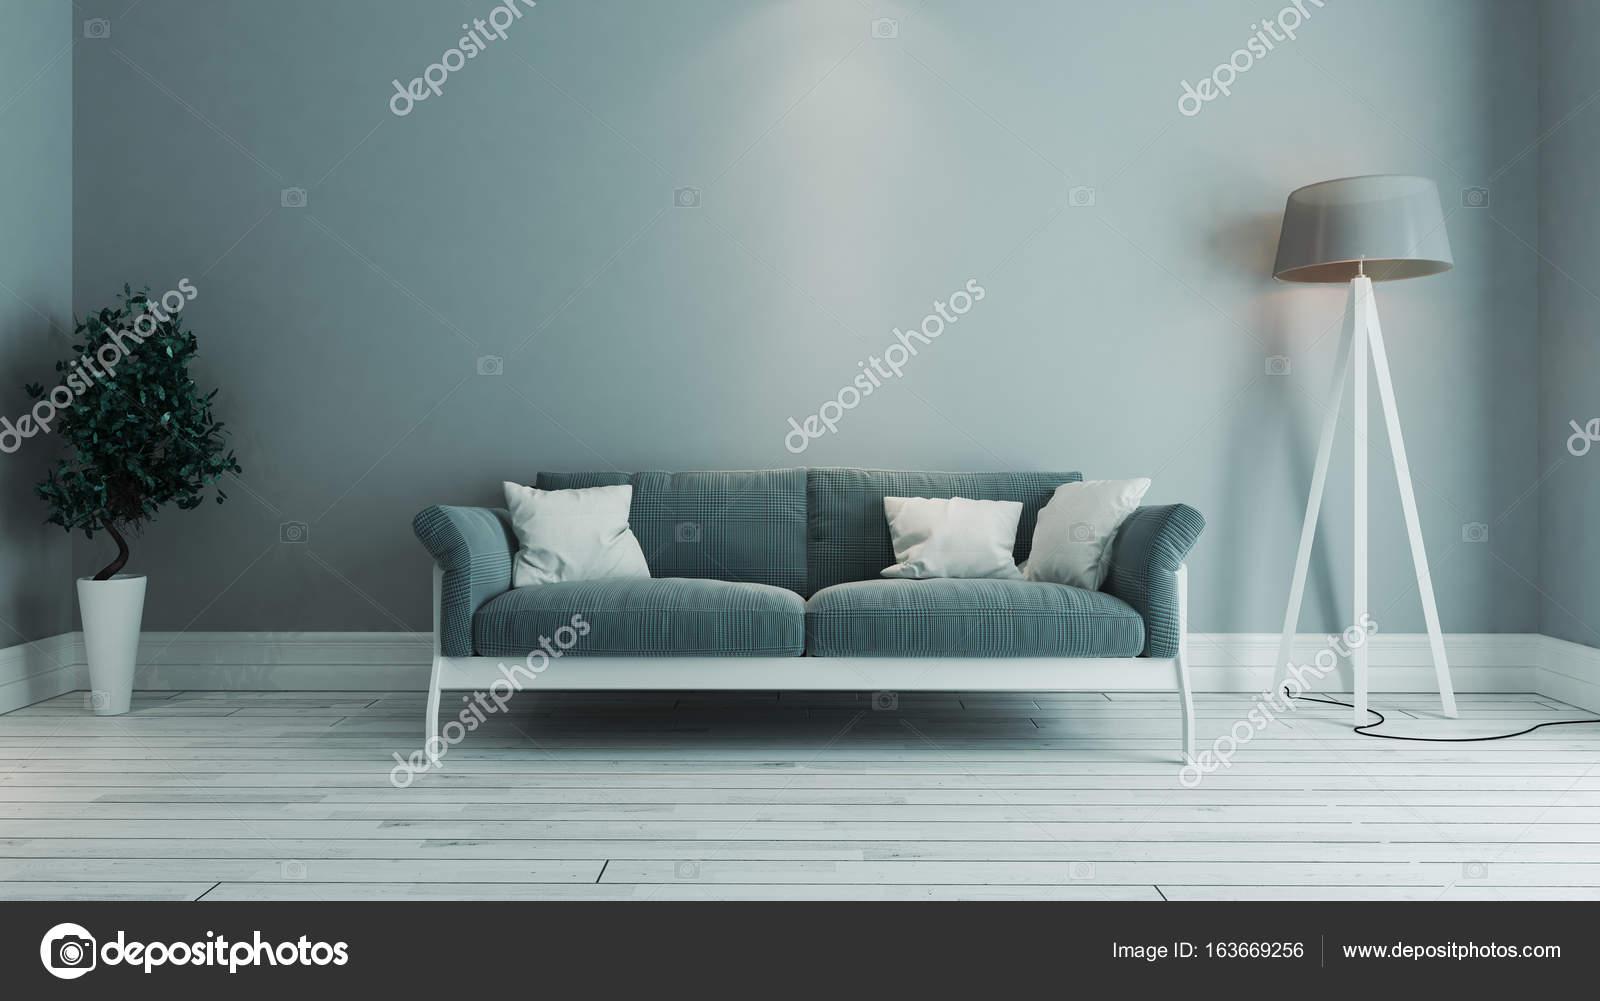 Blaue Farbe Wohnzimmer Interior Design Mit Blauem Sitz Und Grüne Pflanze  3D Rendering U2014 Foto Von Sseven